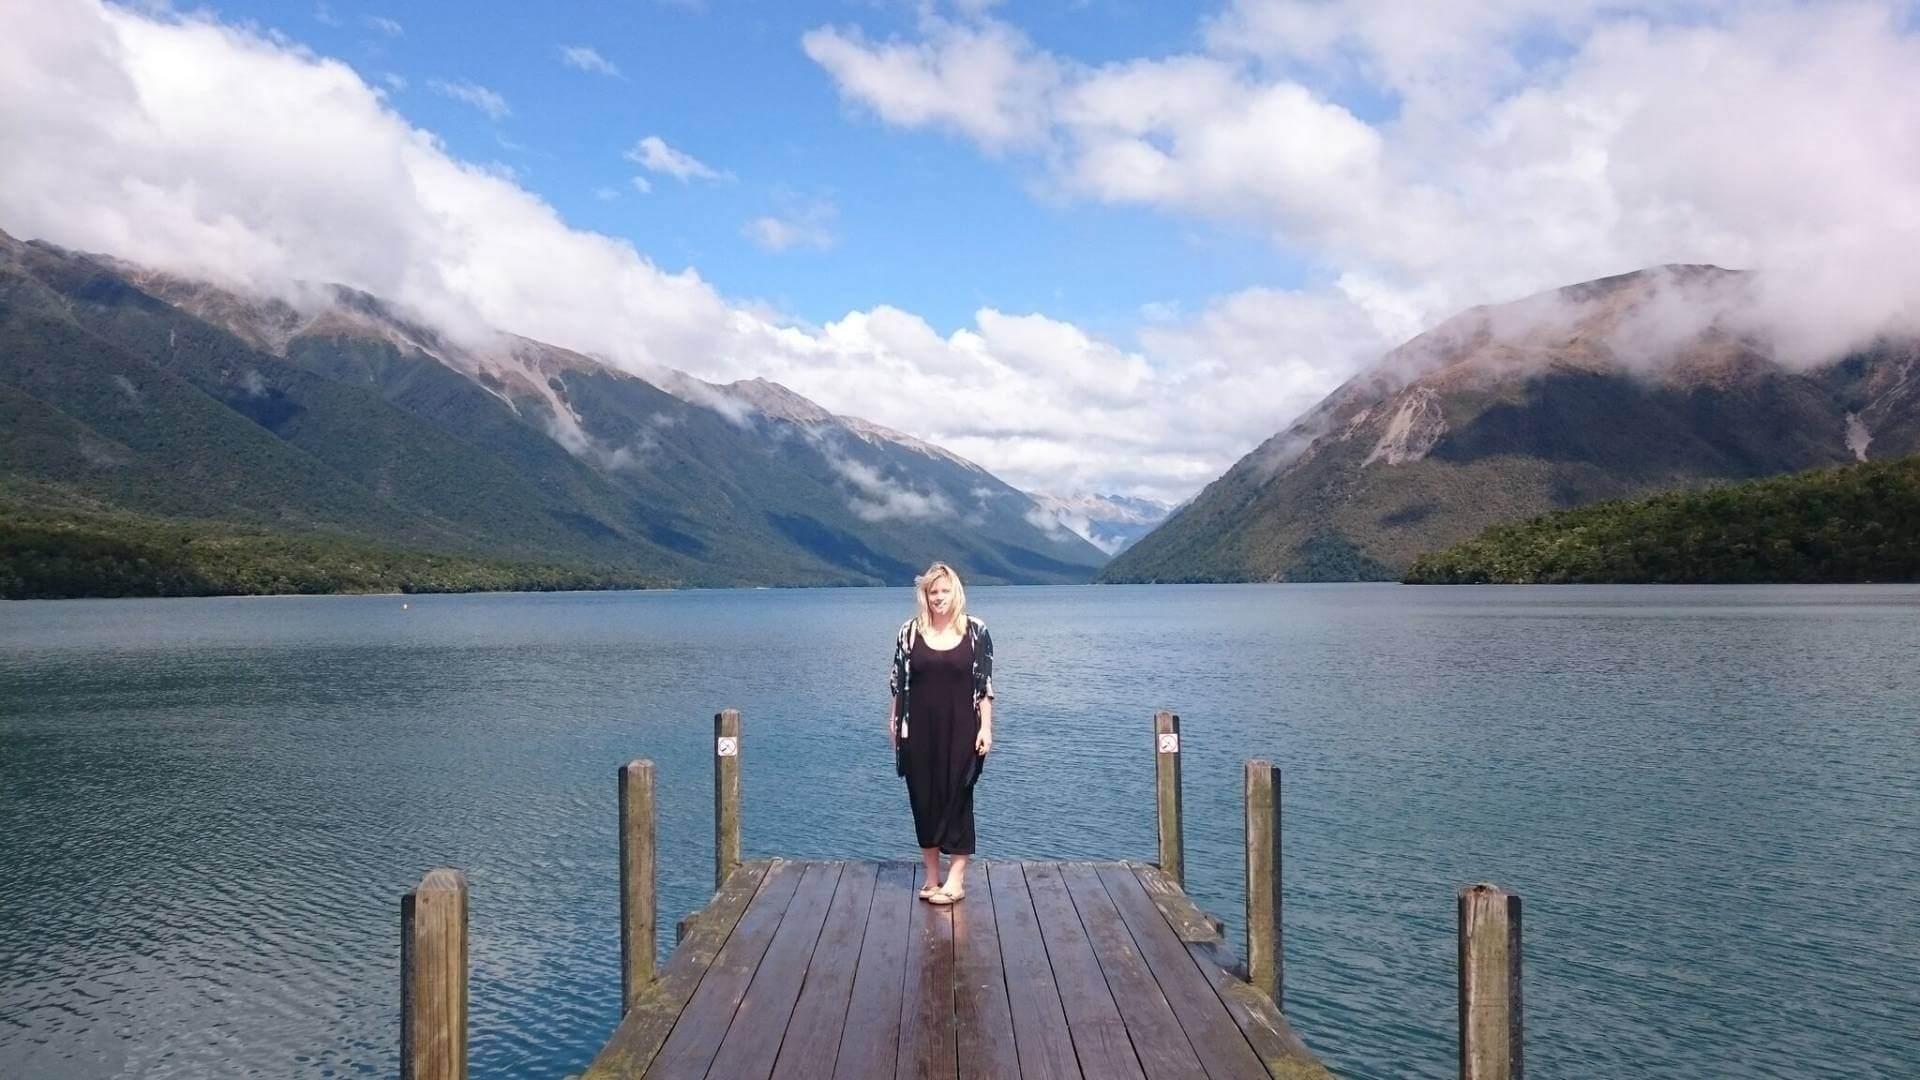 south island new zealand where is tara povey travel blog